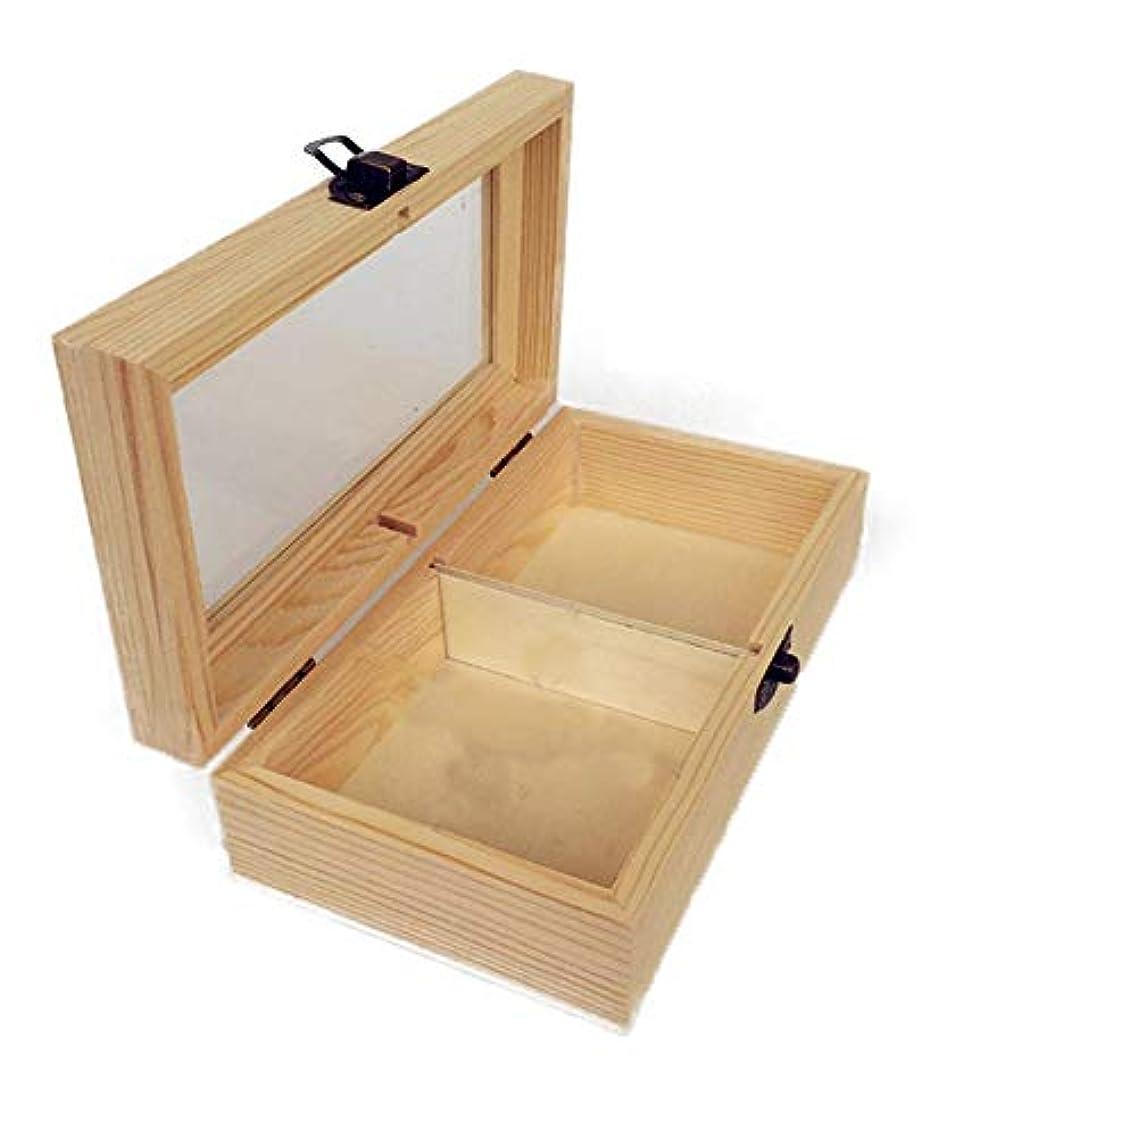 劣る熱心質素な精油ケース プレゼンテーションのために手作りの木製ギフトボックスパーフェクトエッセンシャルオイルケースにエッセンシャルオイルは、被害太陽光からあなたの油を保護します 携帯便利 (色 : Natural, サイズ : 18X10X5.5CM)